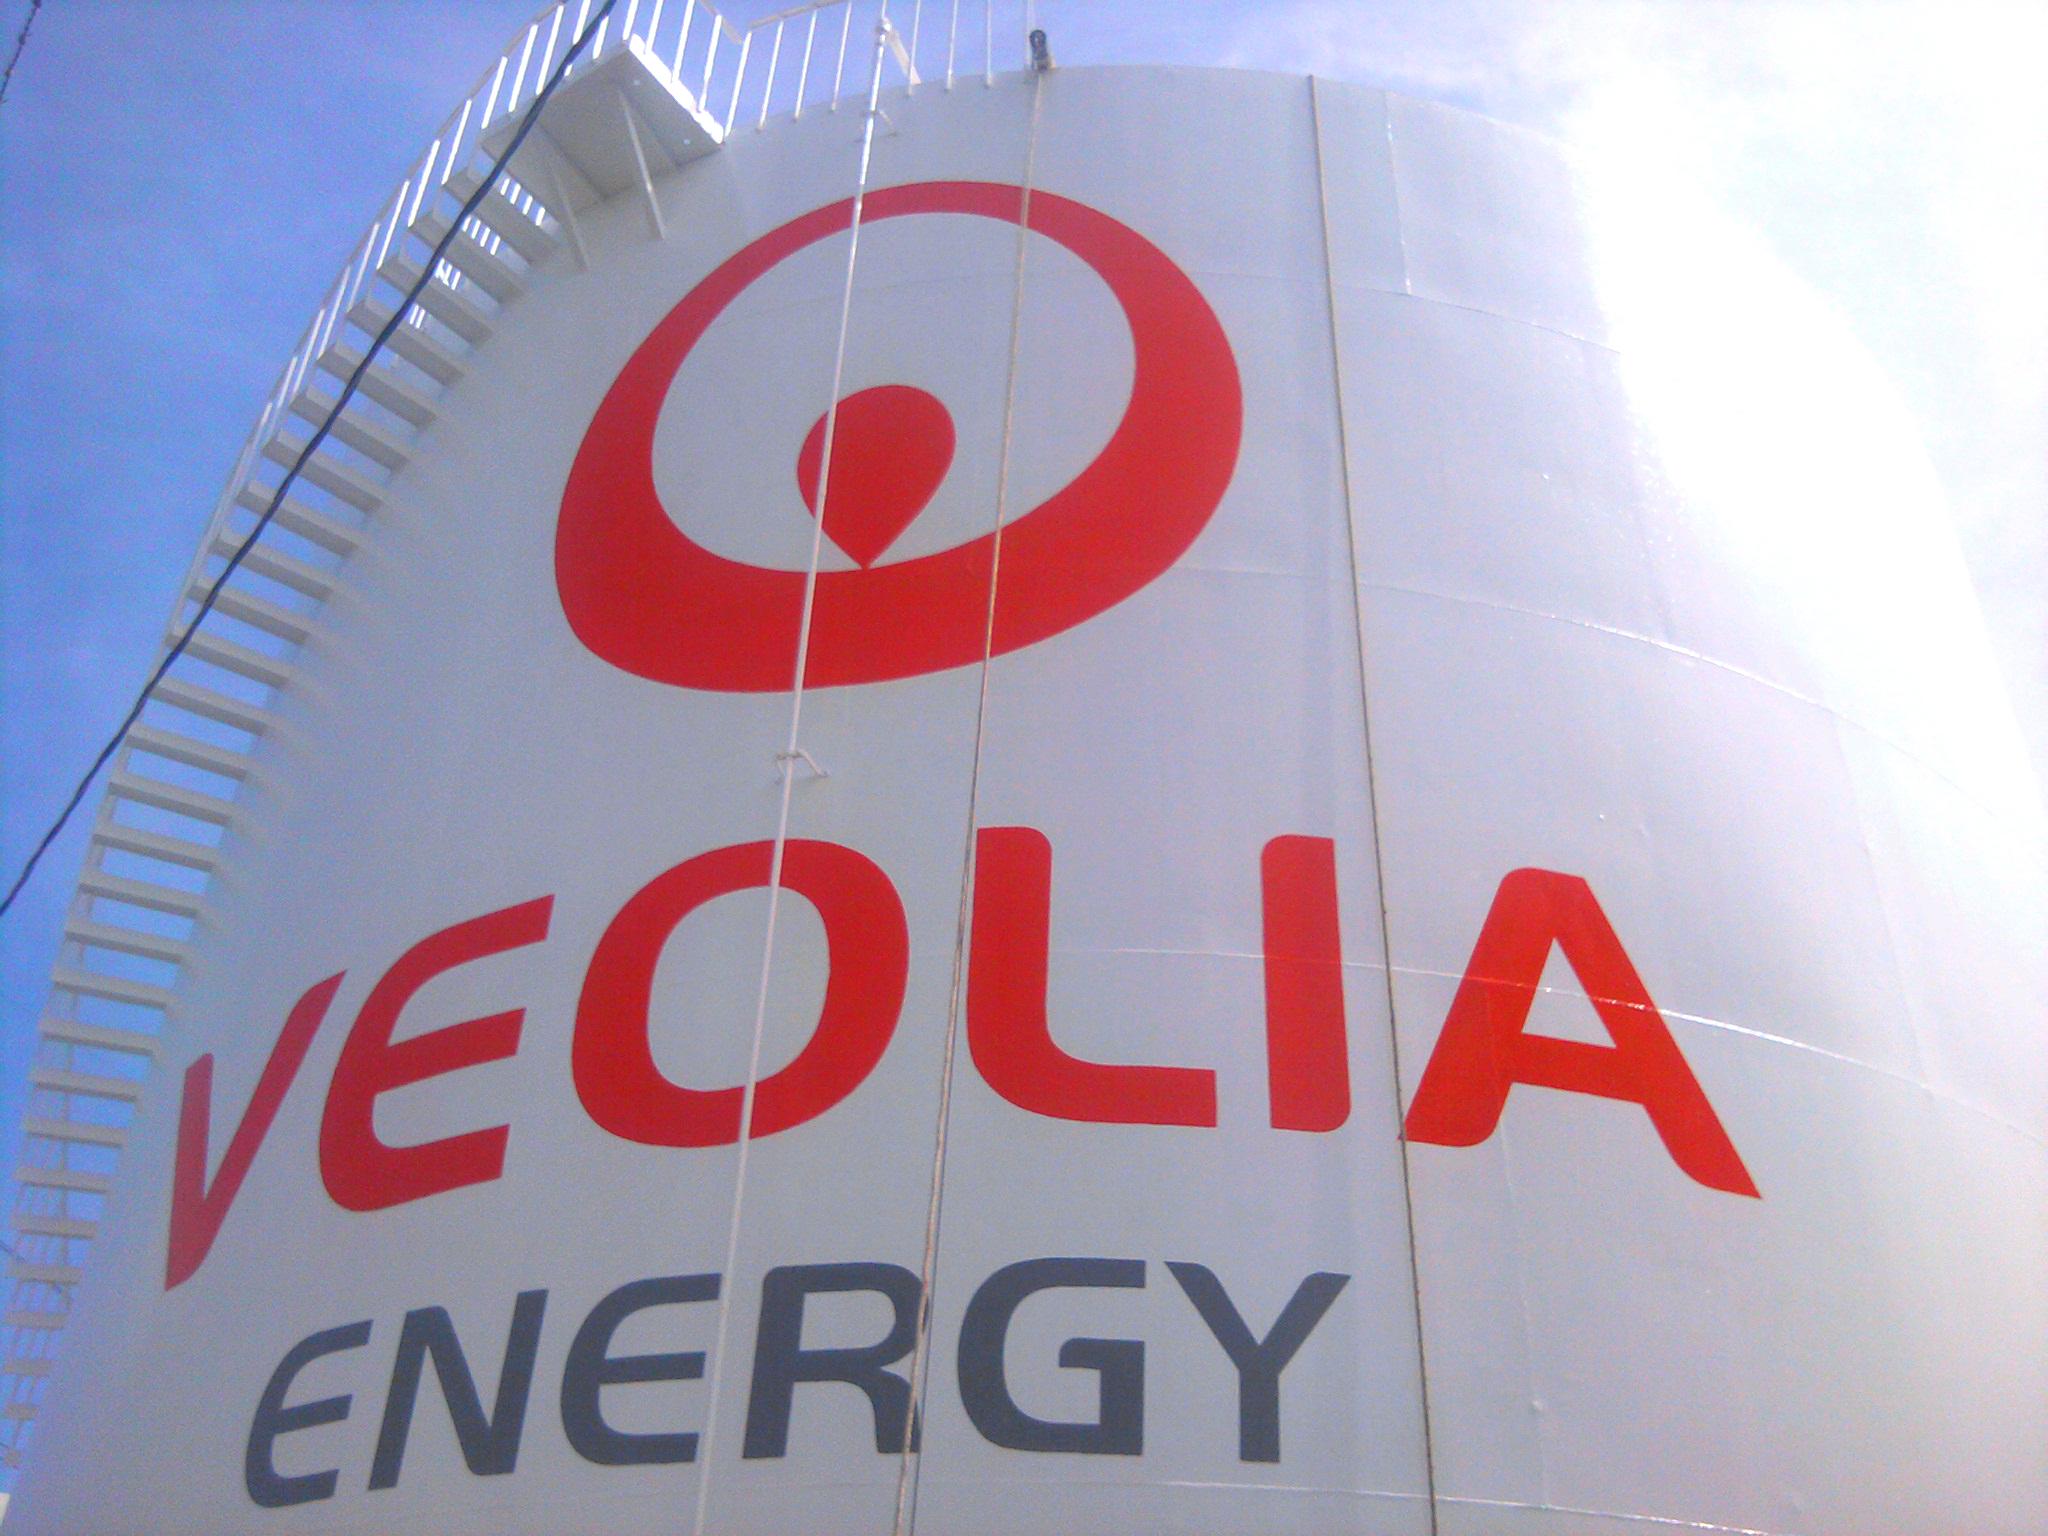 painted logo on Veolia tank Philadelphia, PA